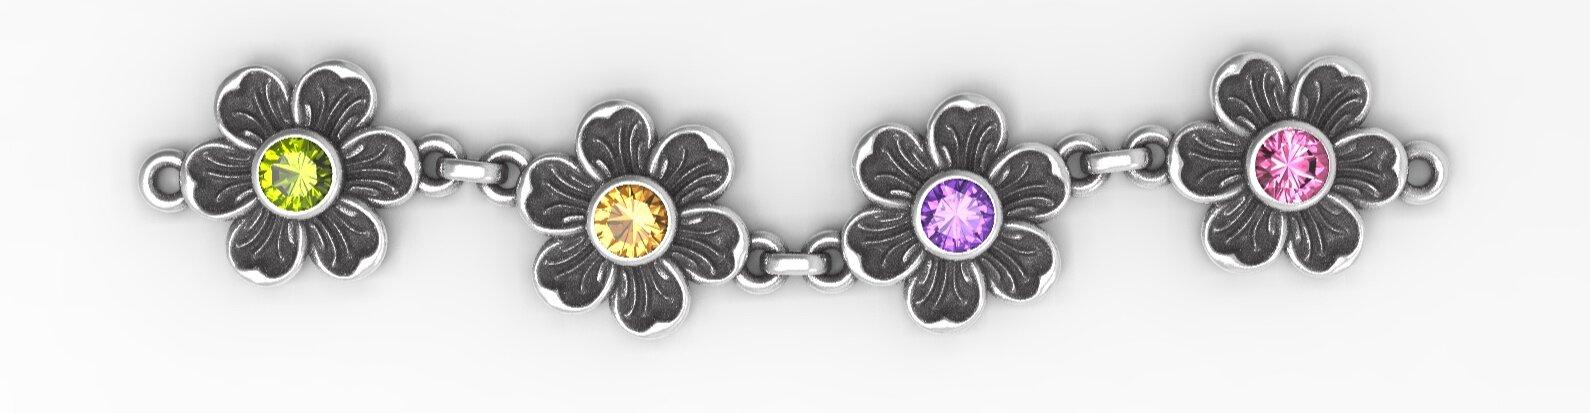 kat-adair-kramer-zbrush-jewelry-keyshot